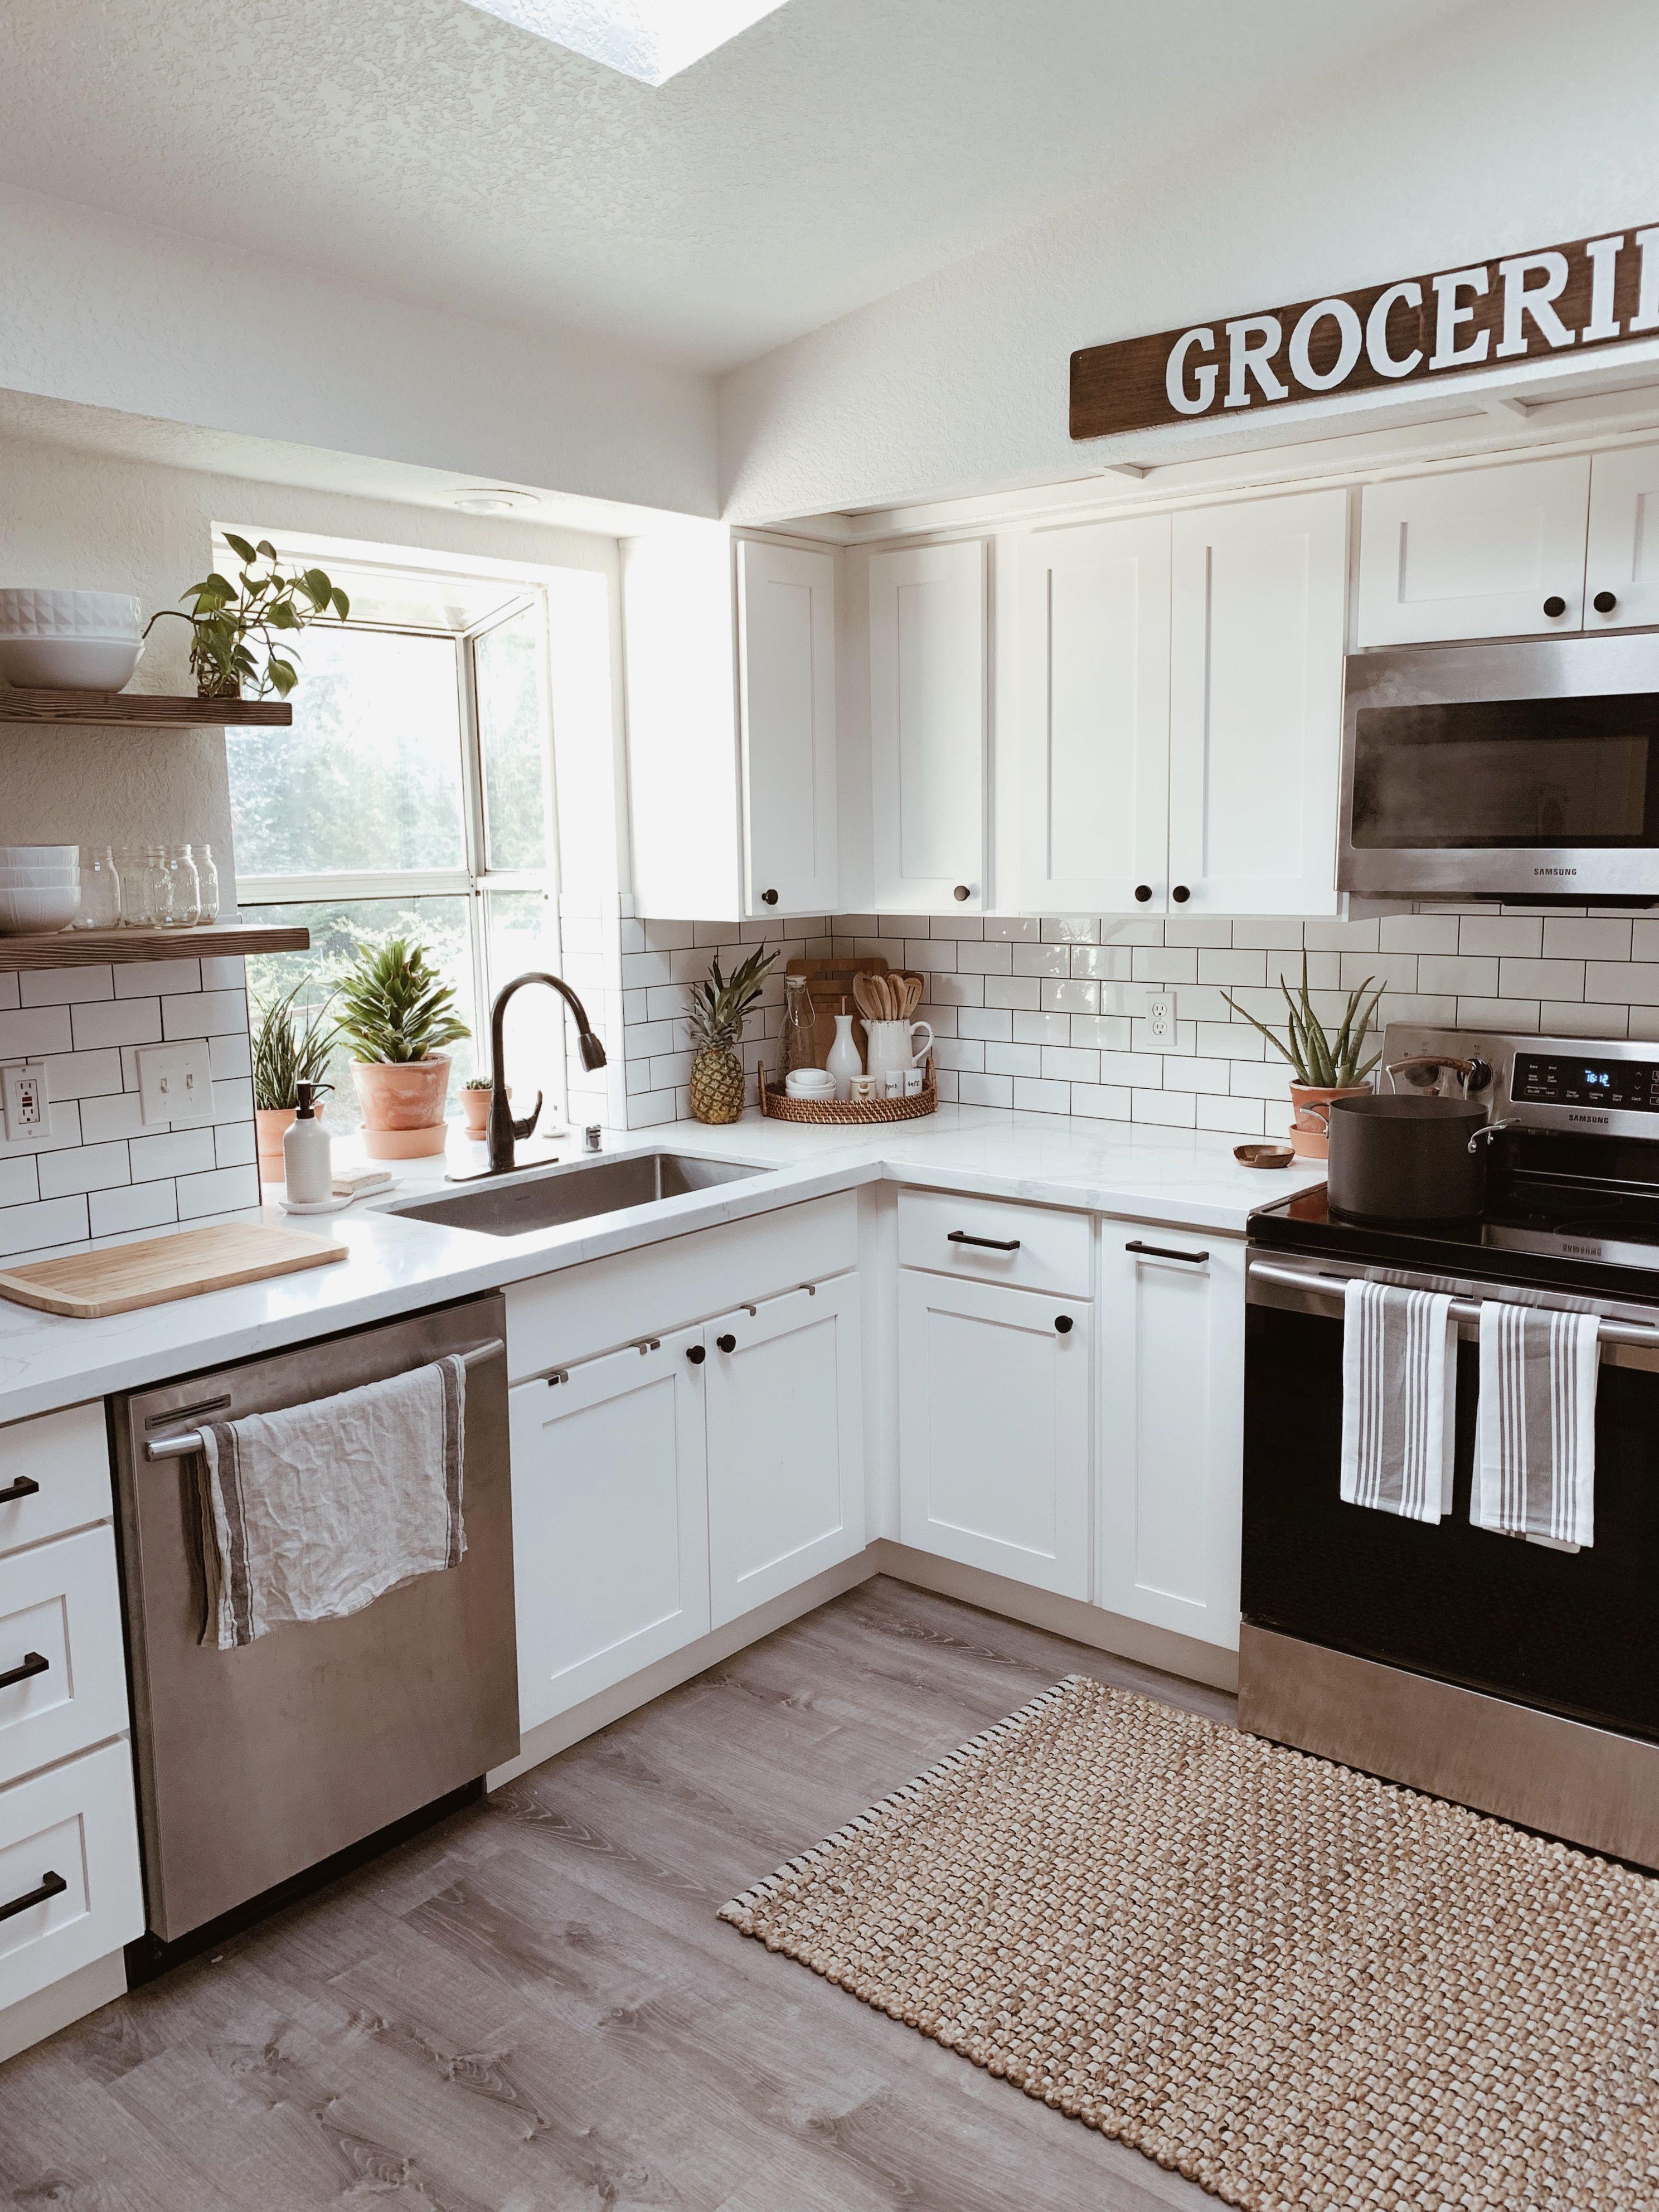 Farmhouse Boho Kitchen In 2020 White Tile Kitchen Backsplash Kitchen Remodel Small New Kitchen